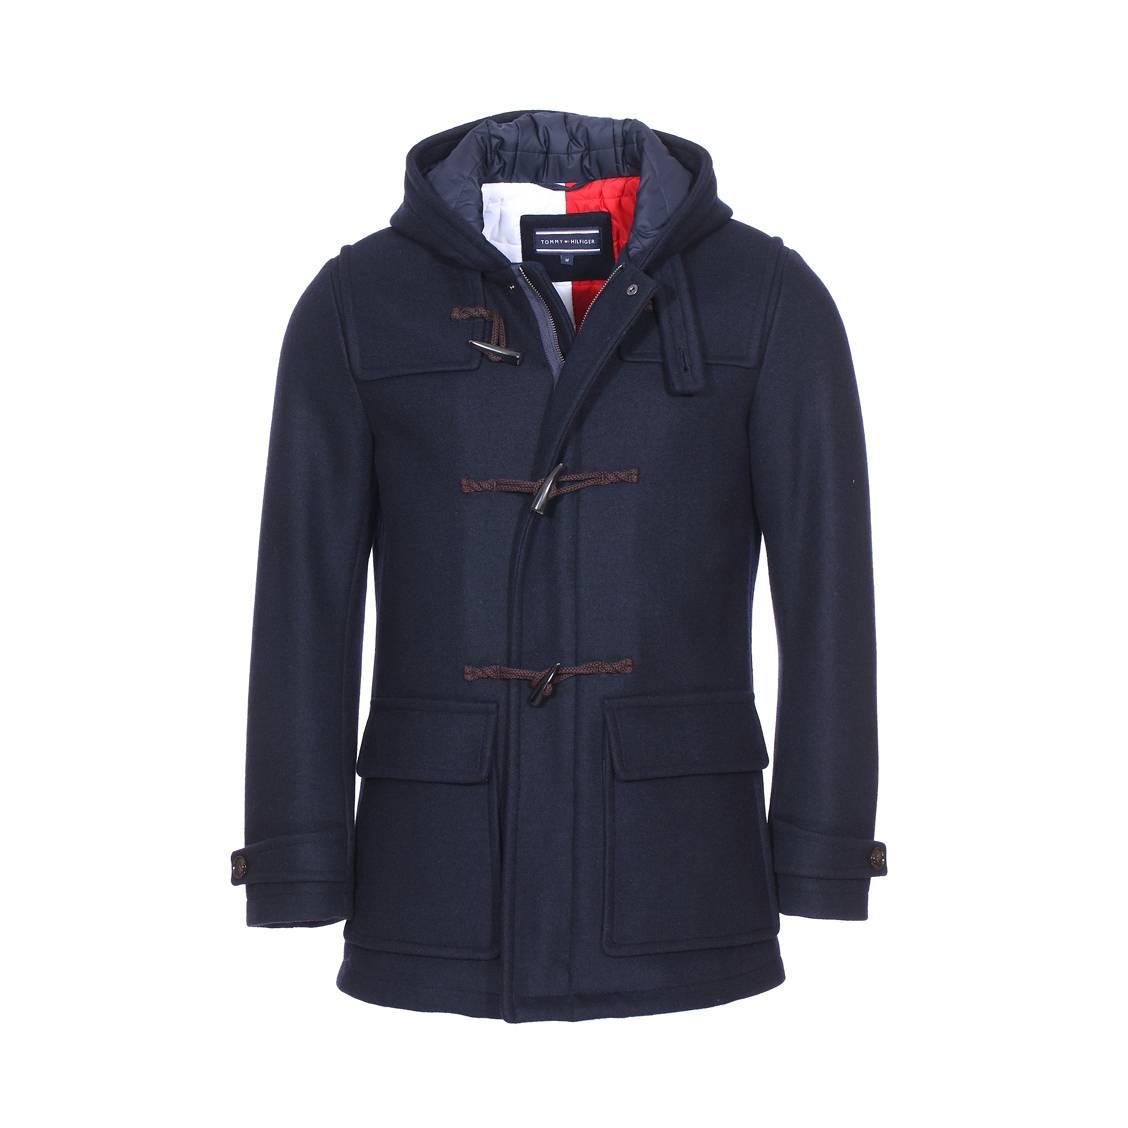 Duffle-coat à capuche tommy hilfiger en laine...